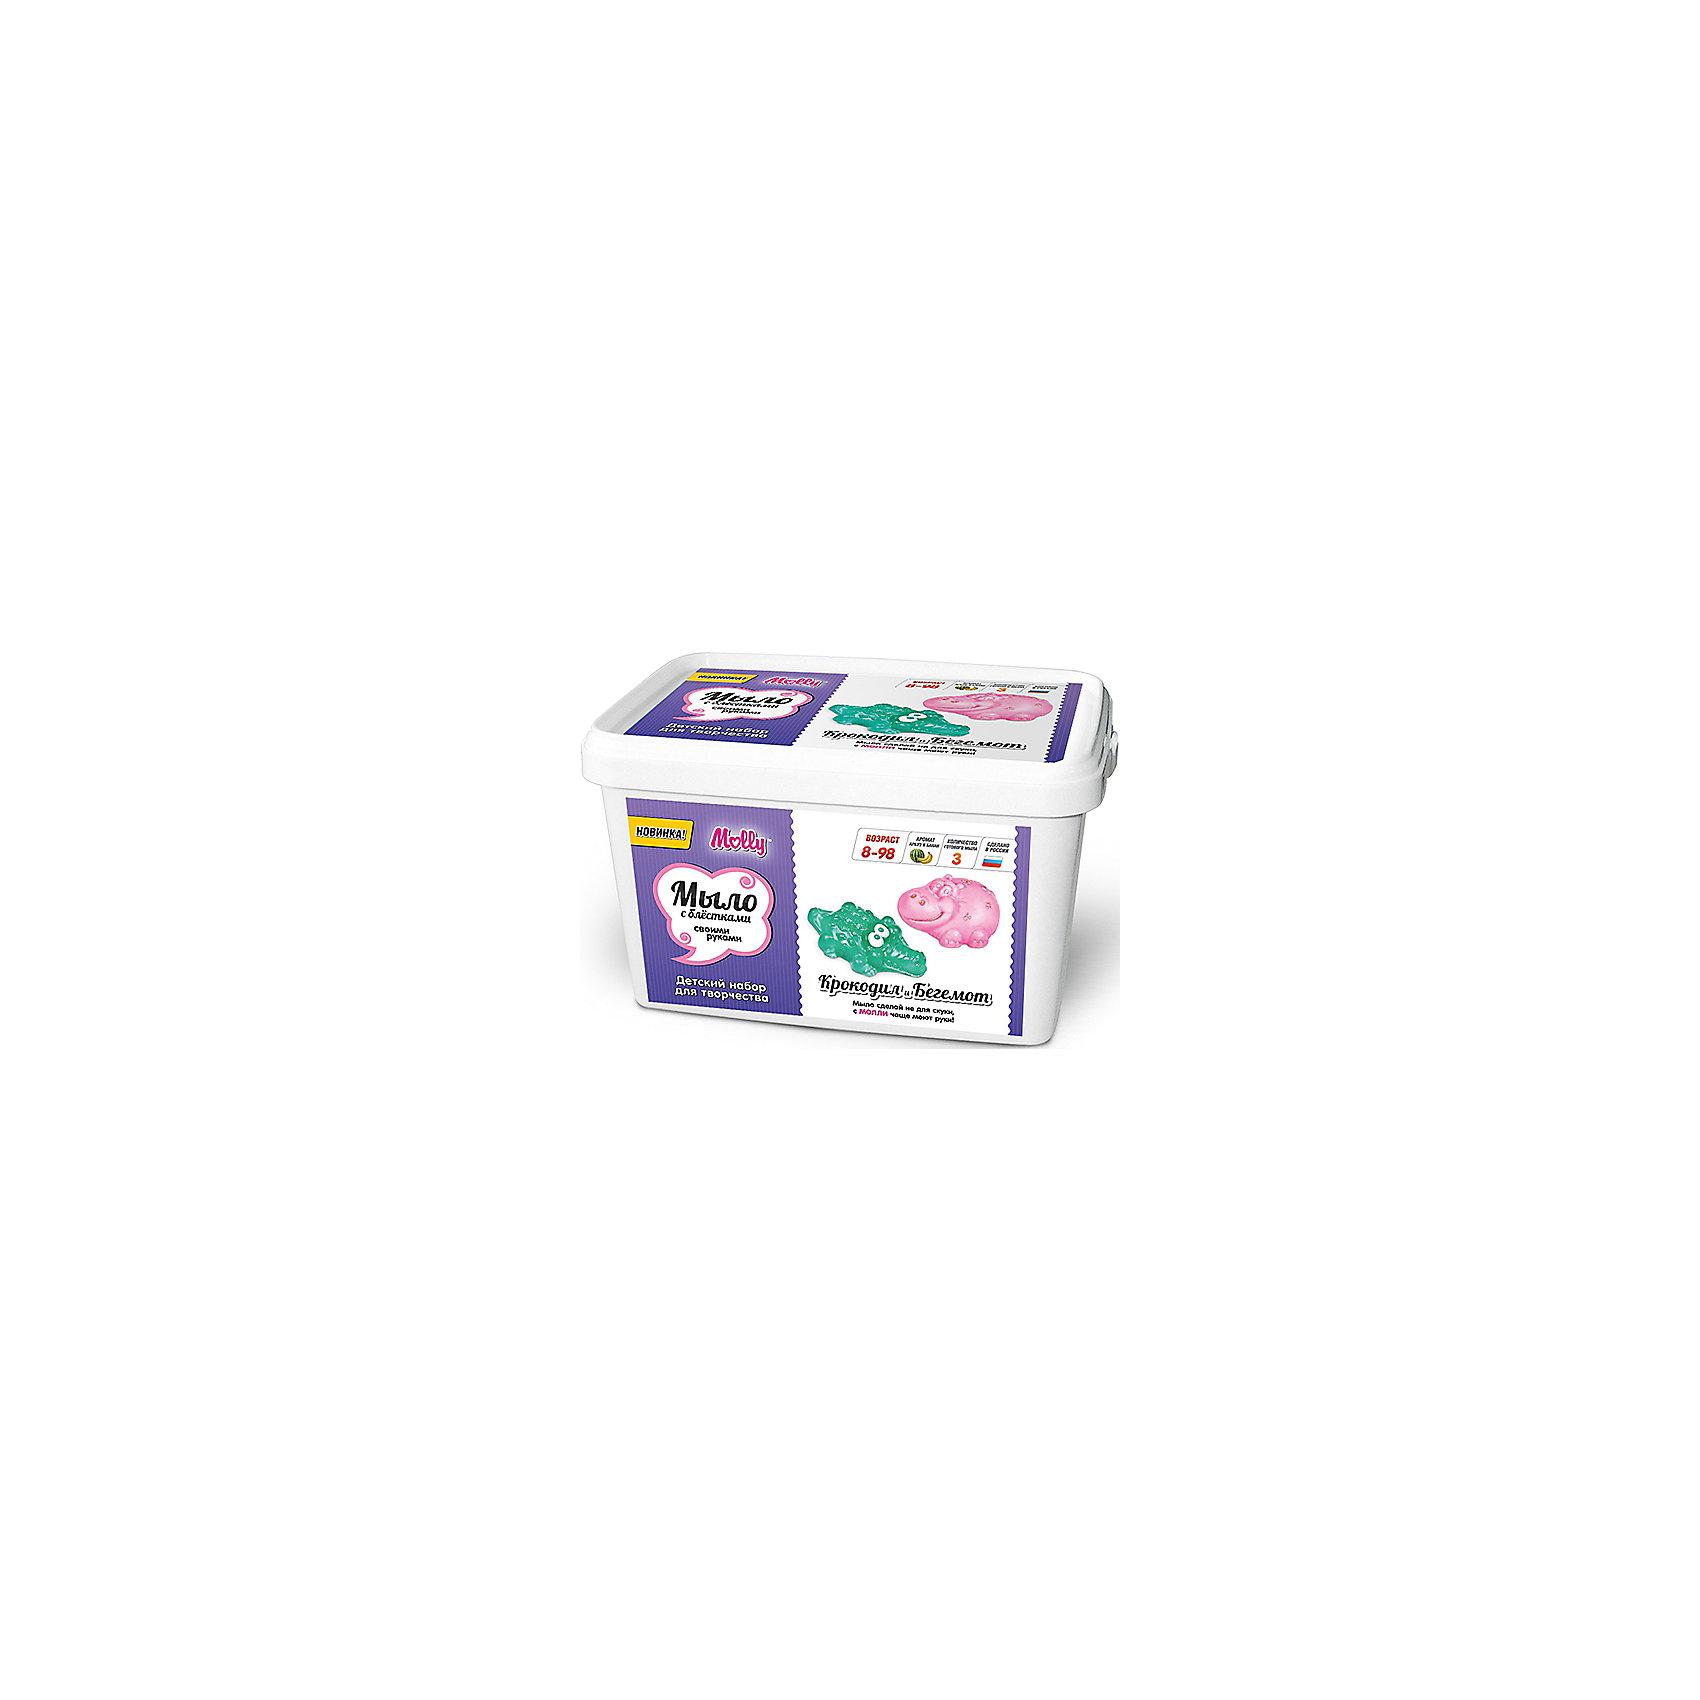 Мыло своими руками Крокодил и бегемотНаборы для создания мыла<br>Оригинальное тематическое мыло, которое можно создать своими руками. В состав набора входит: мыльная основа 200гр., 2 красителя, 2 ароматизатора, 2 формы для мыла, емкость для плавления мыльной основы, одноразовые перчатки и подробная инструкция.<br><br>Ширина мм: 20<br>Глубина мм: 13<br>Высота мм: 11<br>Вес г: 380<br>Возраст от месяцев: 96<br>Возраст до месяцев: 144<br>Пол: Унисекс<br>Возраст: Детский<br>SKU: 5115172